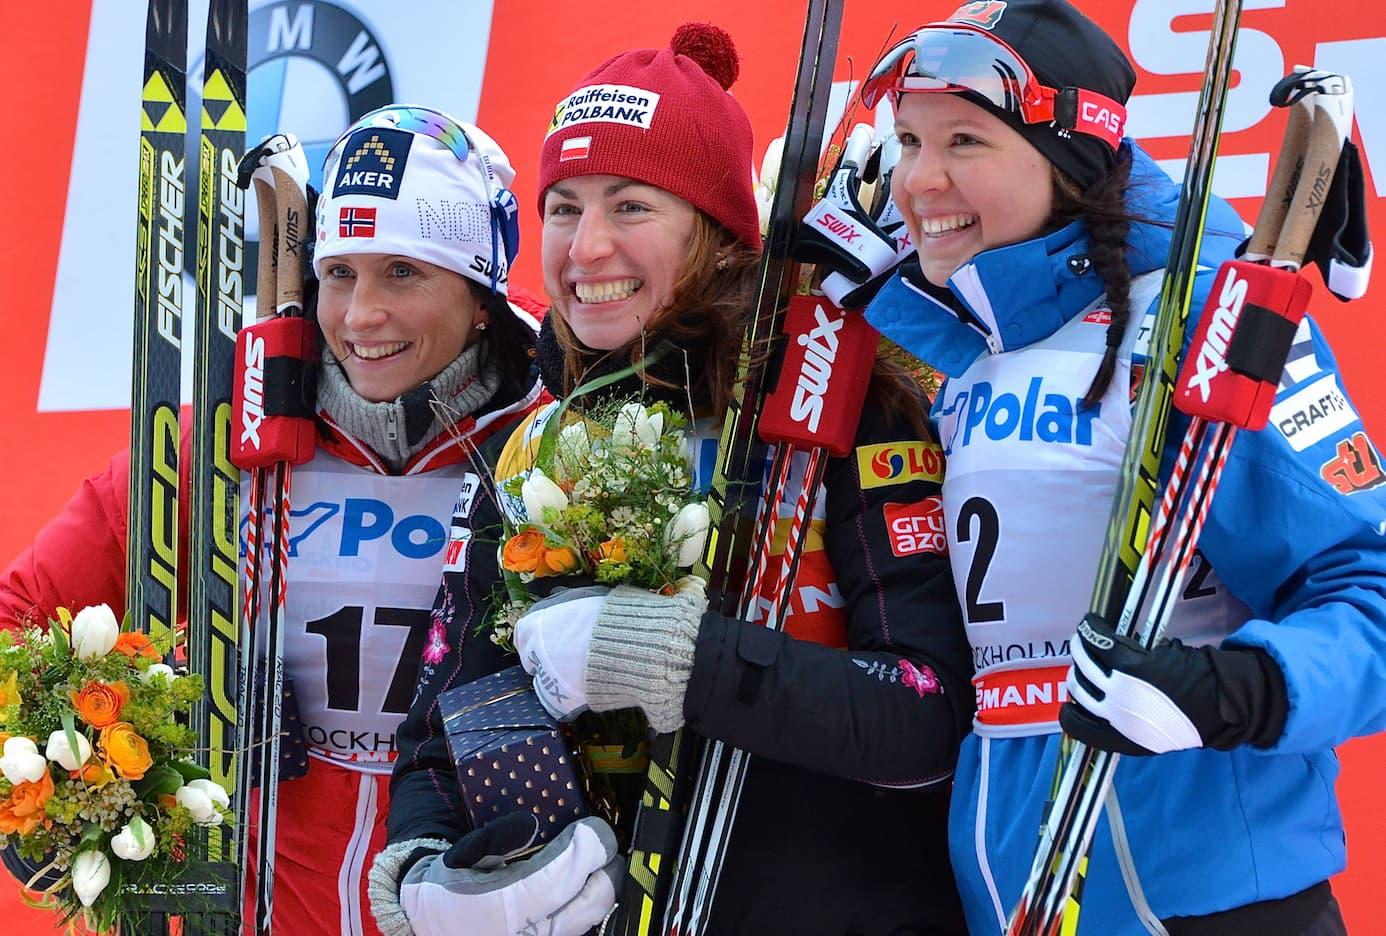 Marit Björgen Justyna Kowalczyk Kerttu Niskanen